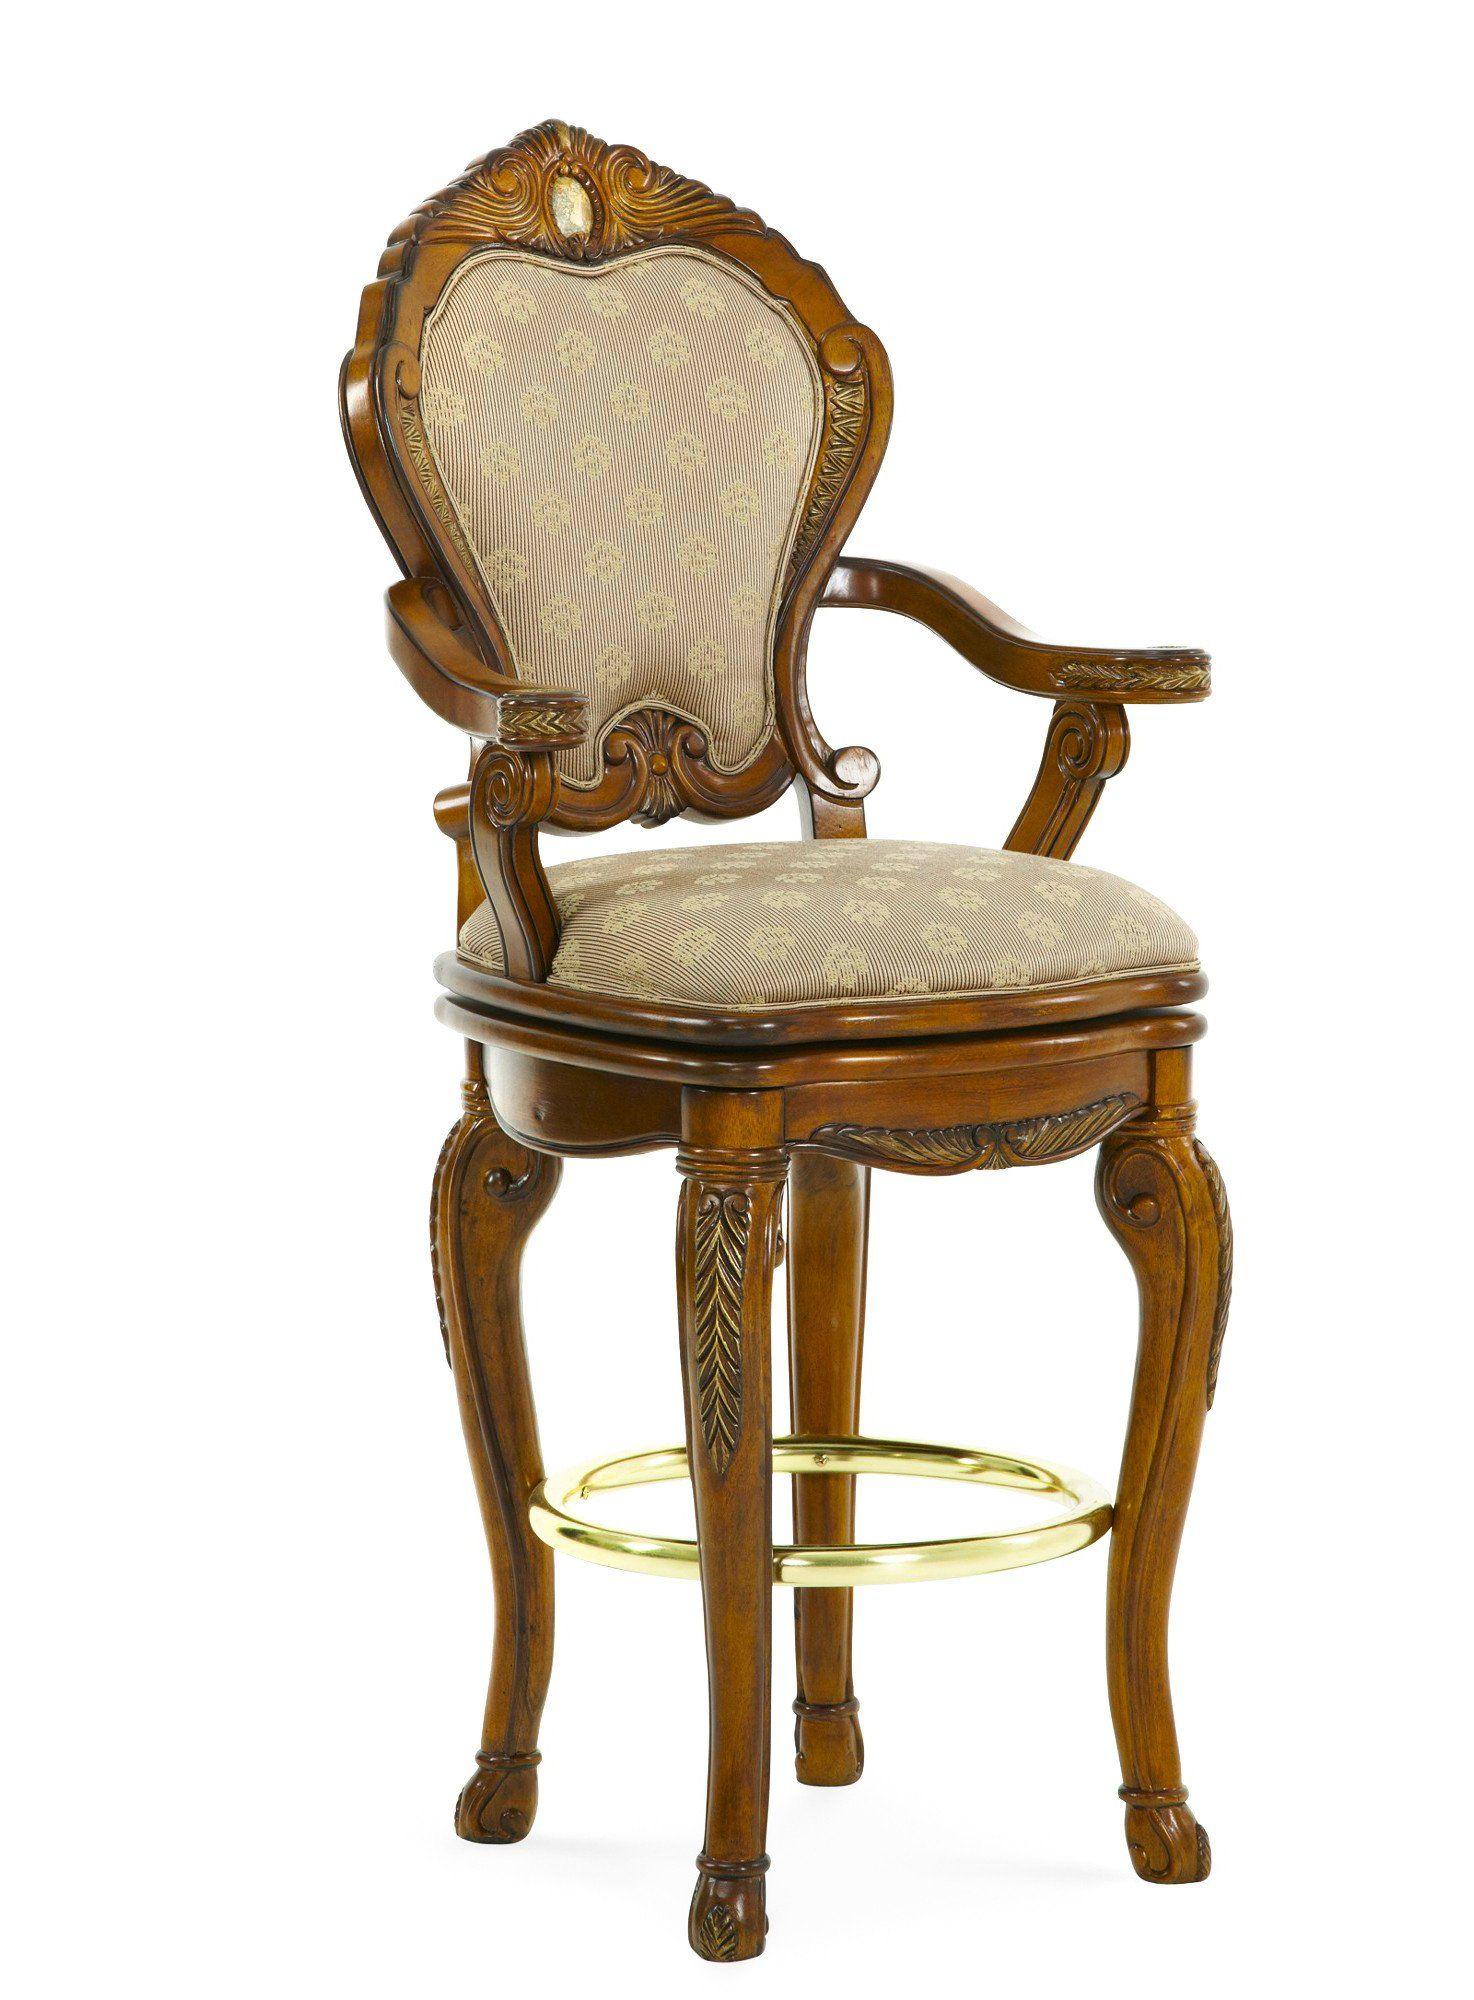 Cortina Swivel Barstool | AICO Michael Amini | Stools, Bar stool and ...